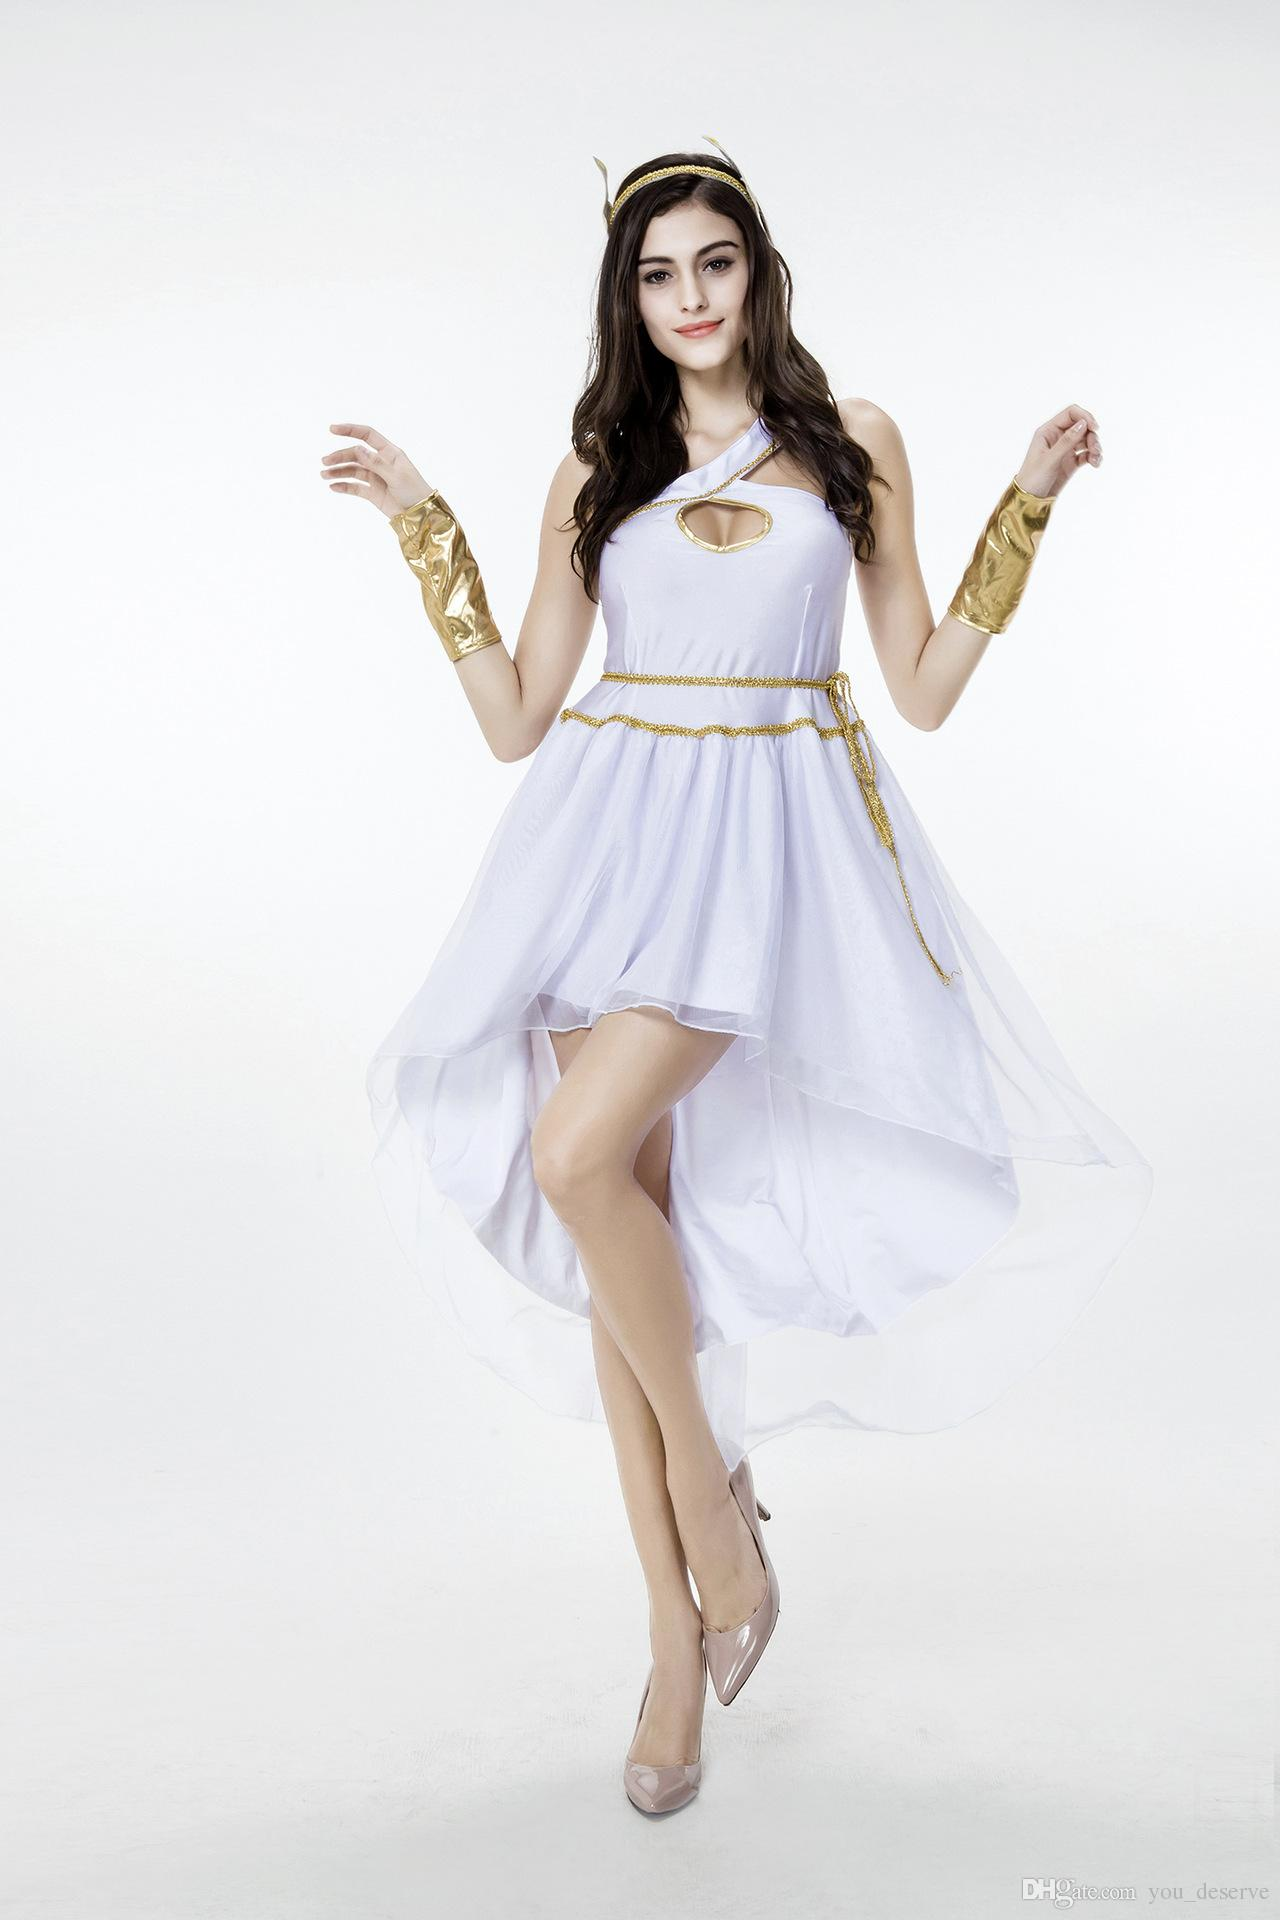 2021 새로운 도착 성인 여성 그리스 여신 드레스 화이트 섹시 코스프레 할로윈 의상 무대 공연 의류 뜨거운 판매